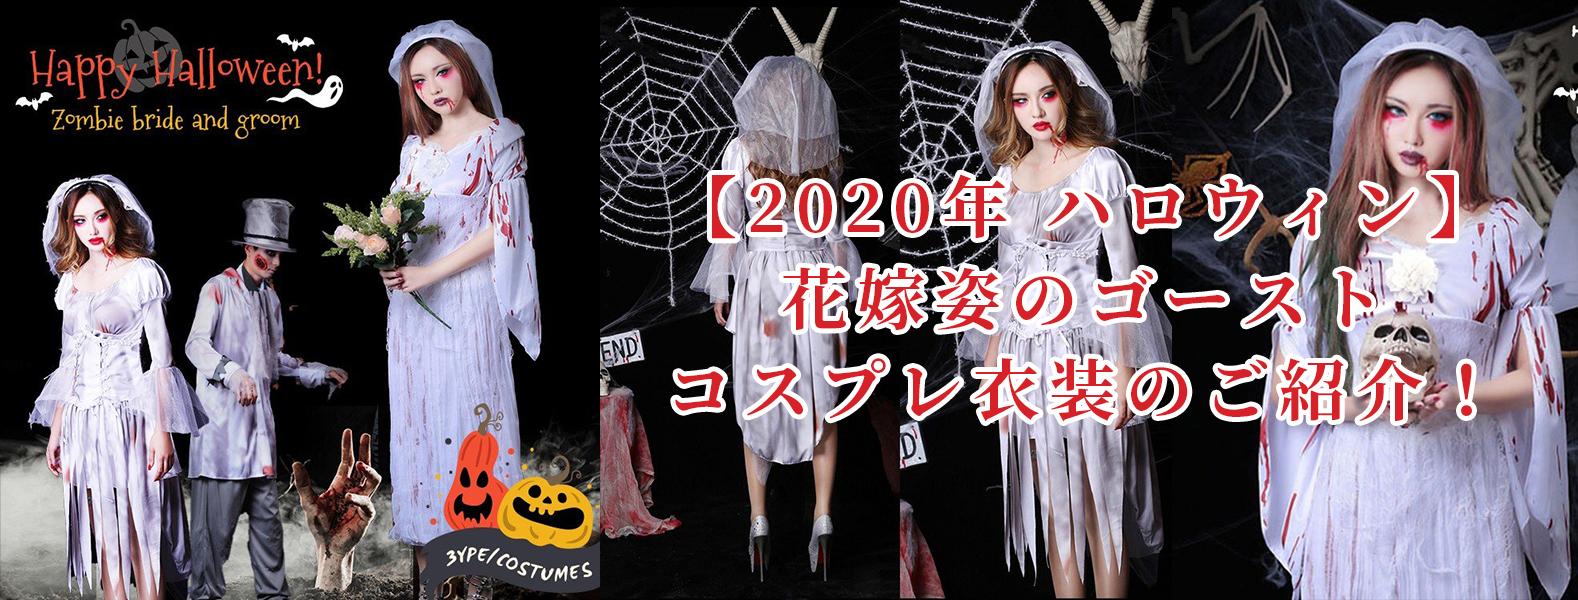 【2020年 ハロウィン】花嫁姿のゴースト コスプレ衣装のご紹介!